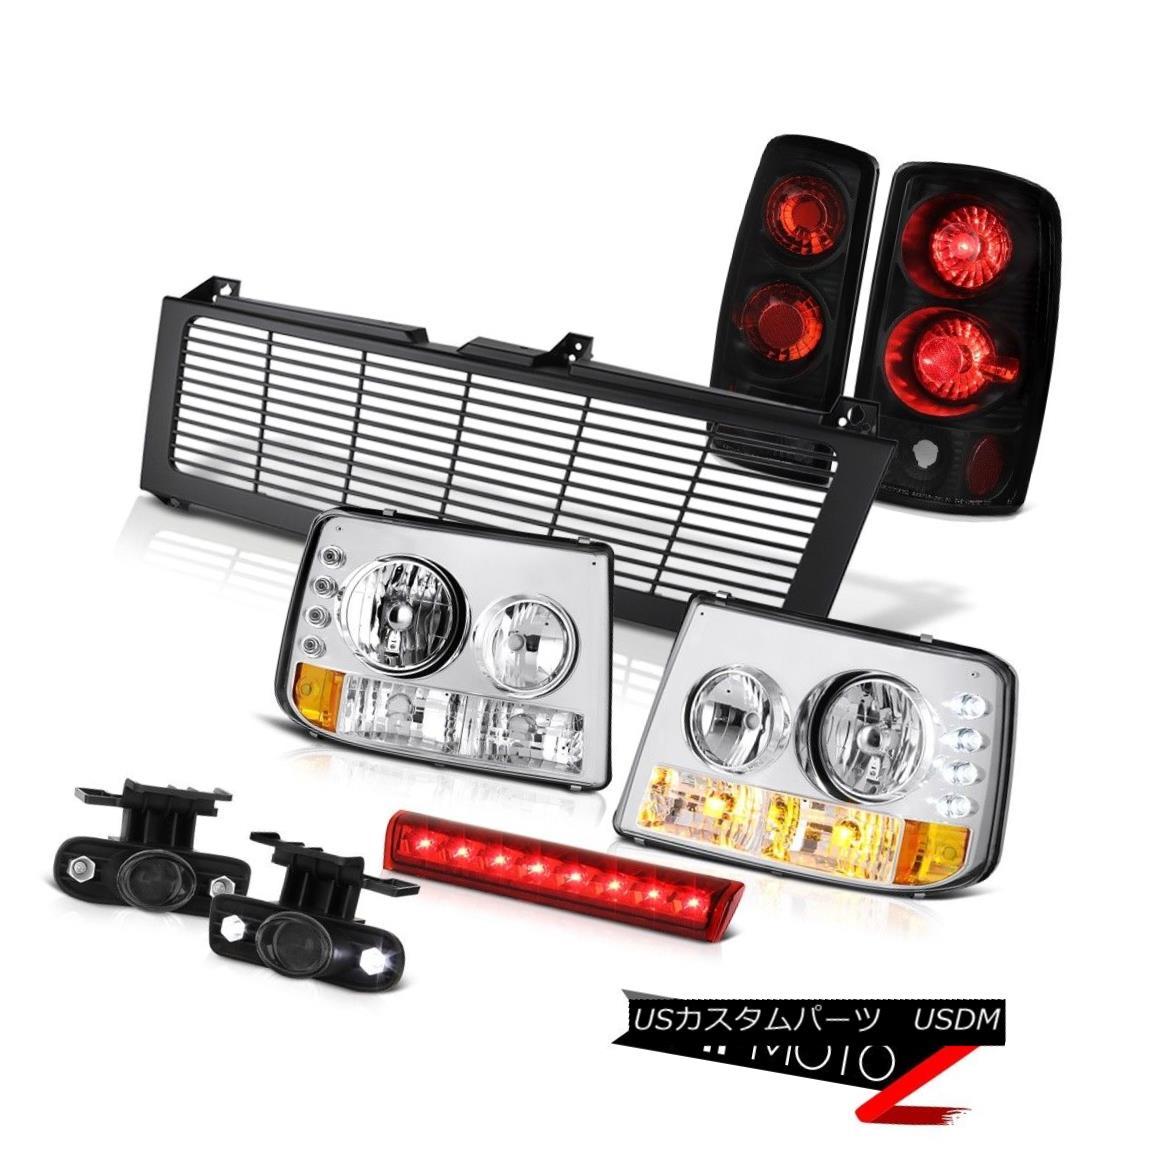 テールライト Euro Headlight Signal Taillight Brake Cargo LED Grille 03 04 05 06 Suburban 1500 ユーロヘッドライト信号テールライトブレーキカーゴLEDグリル03 04 05 06郊外1500